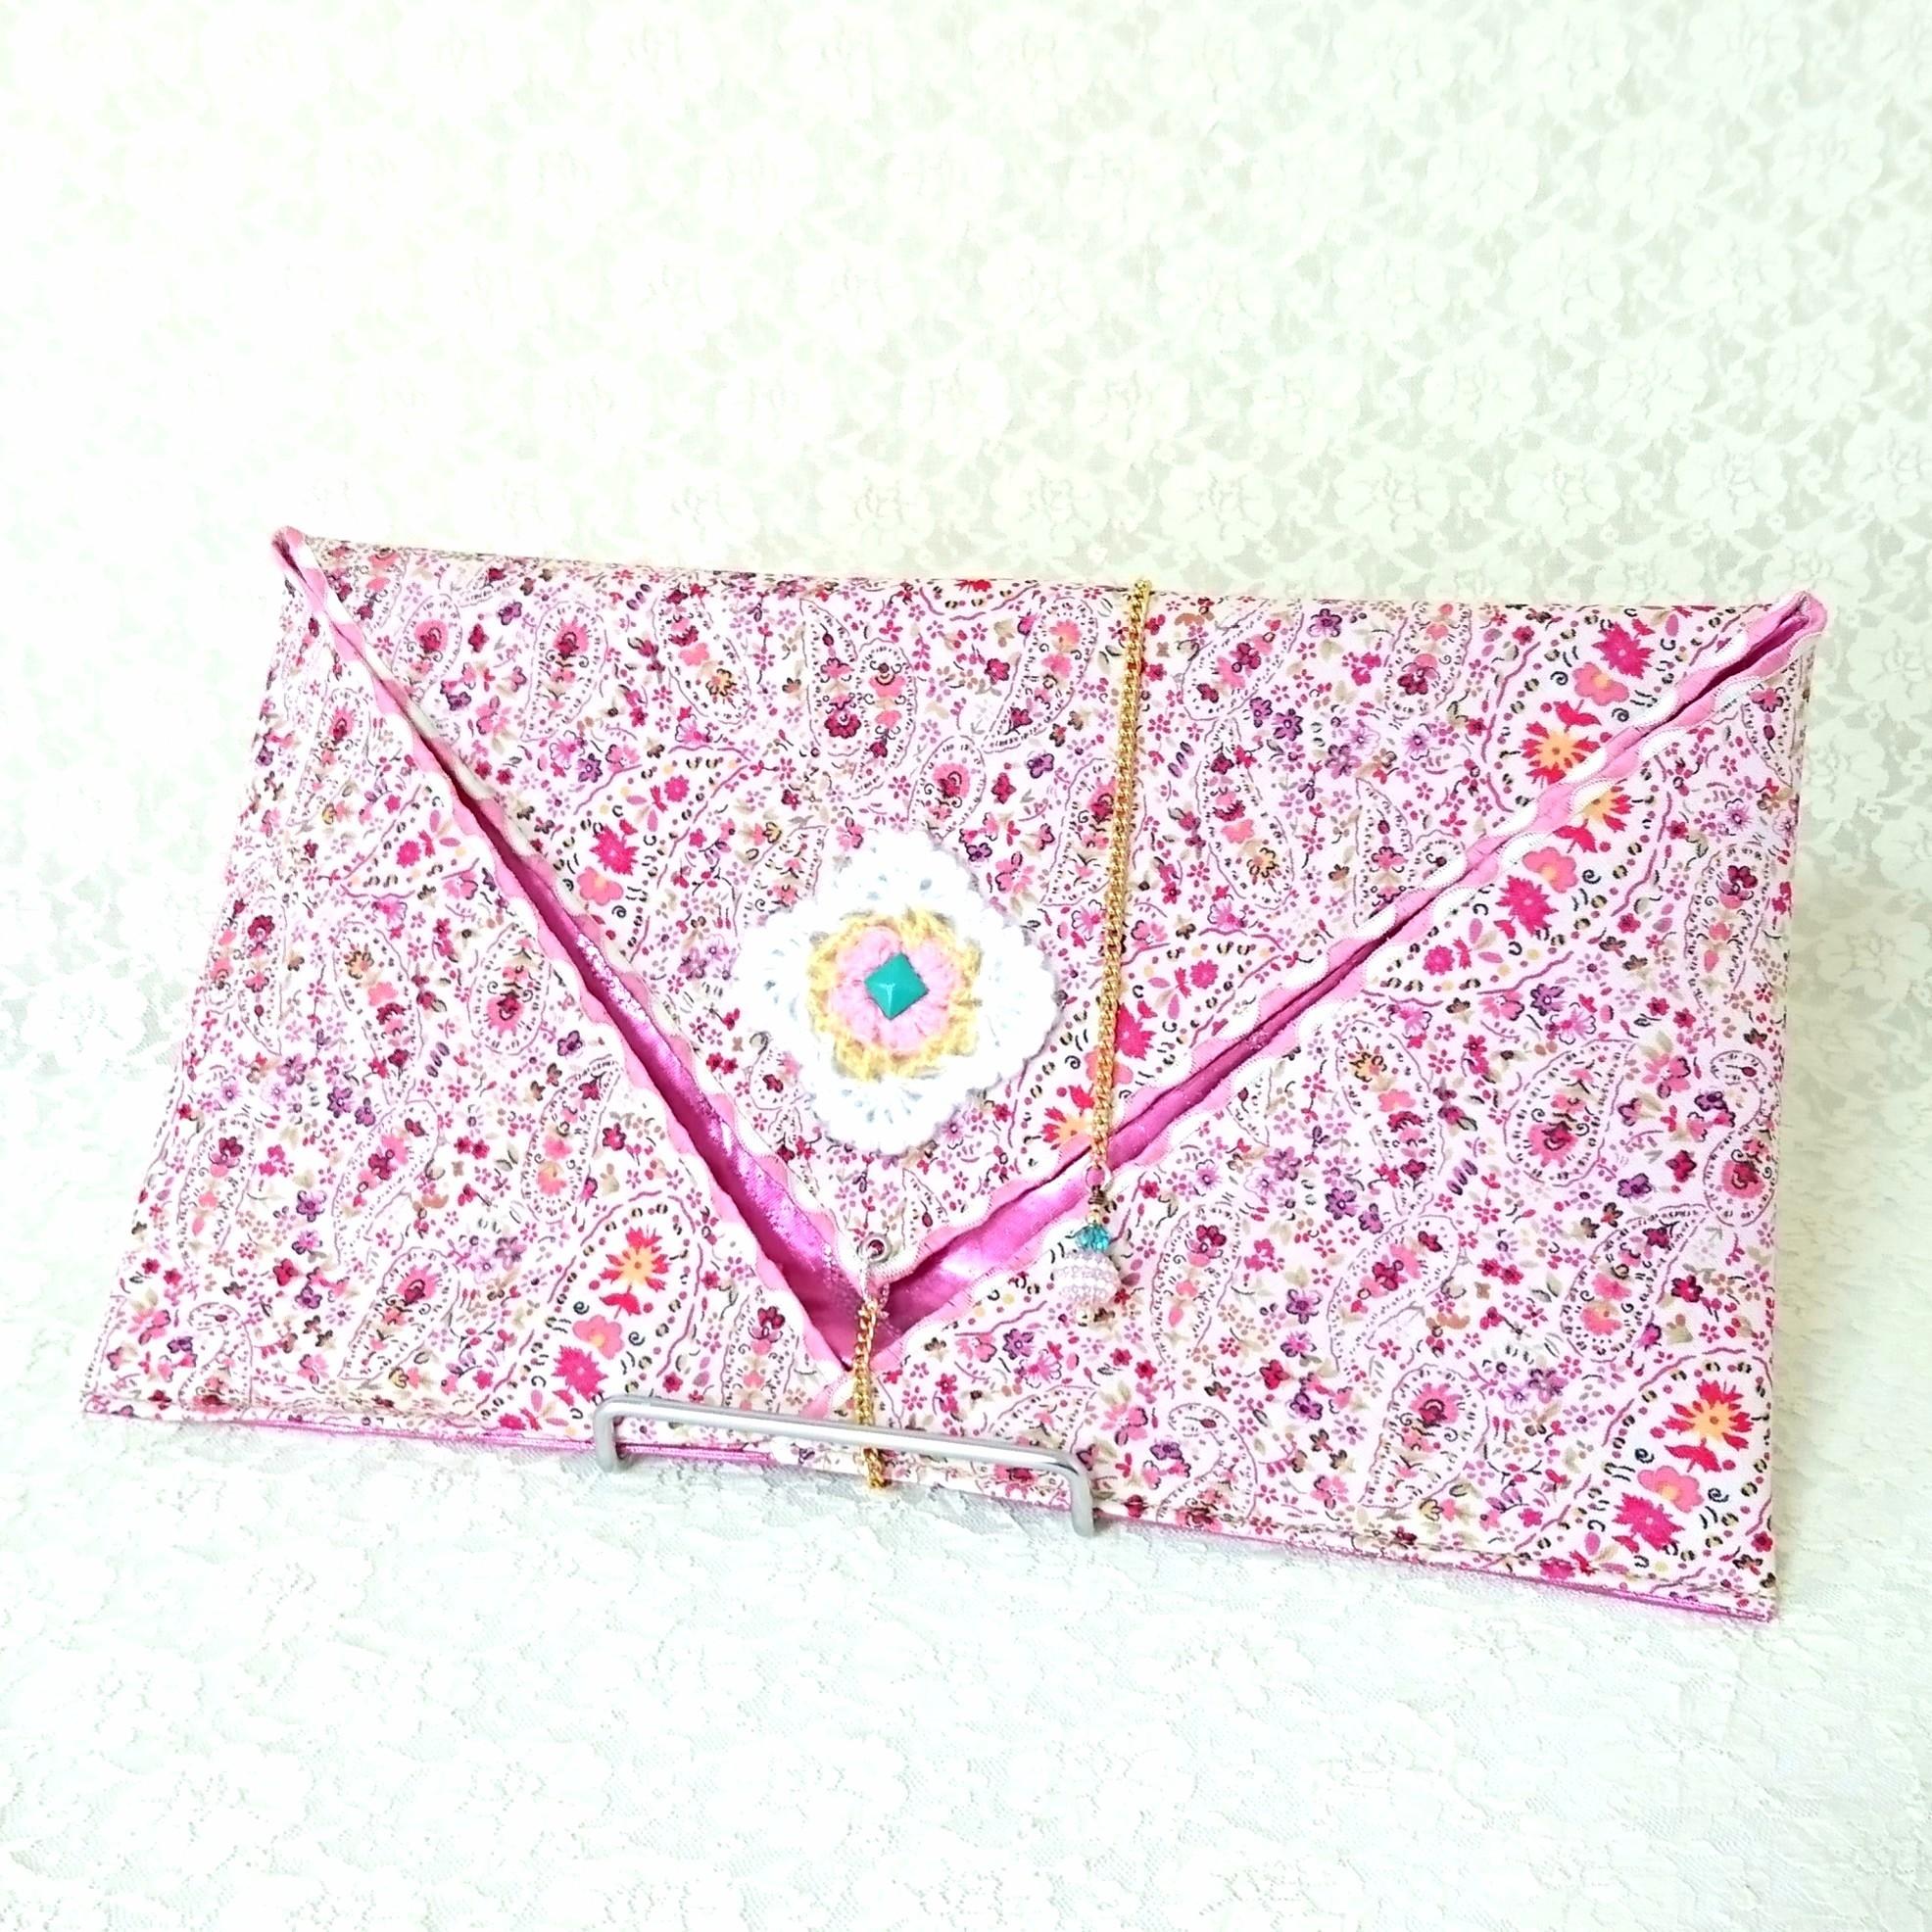 ファンベールケース【ピンクの小花柄】♪リバーシブル♪